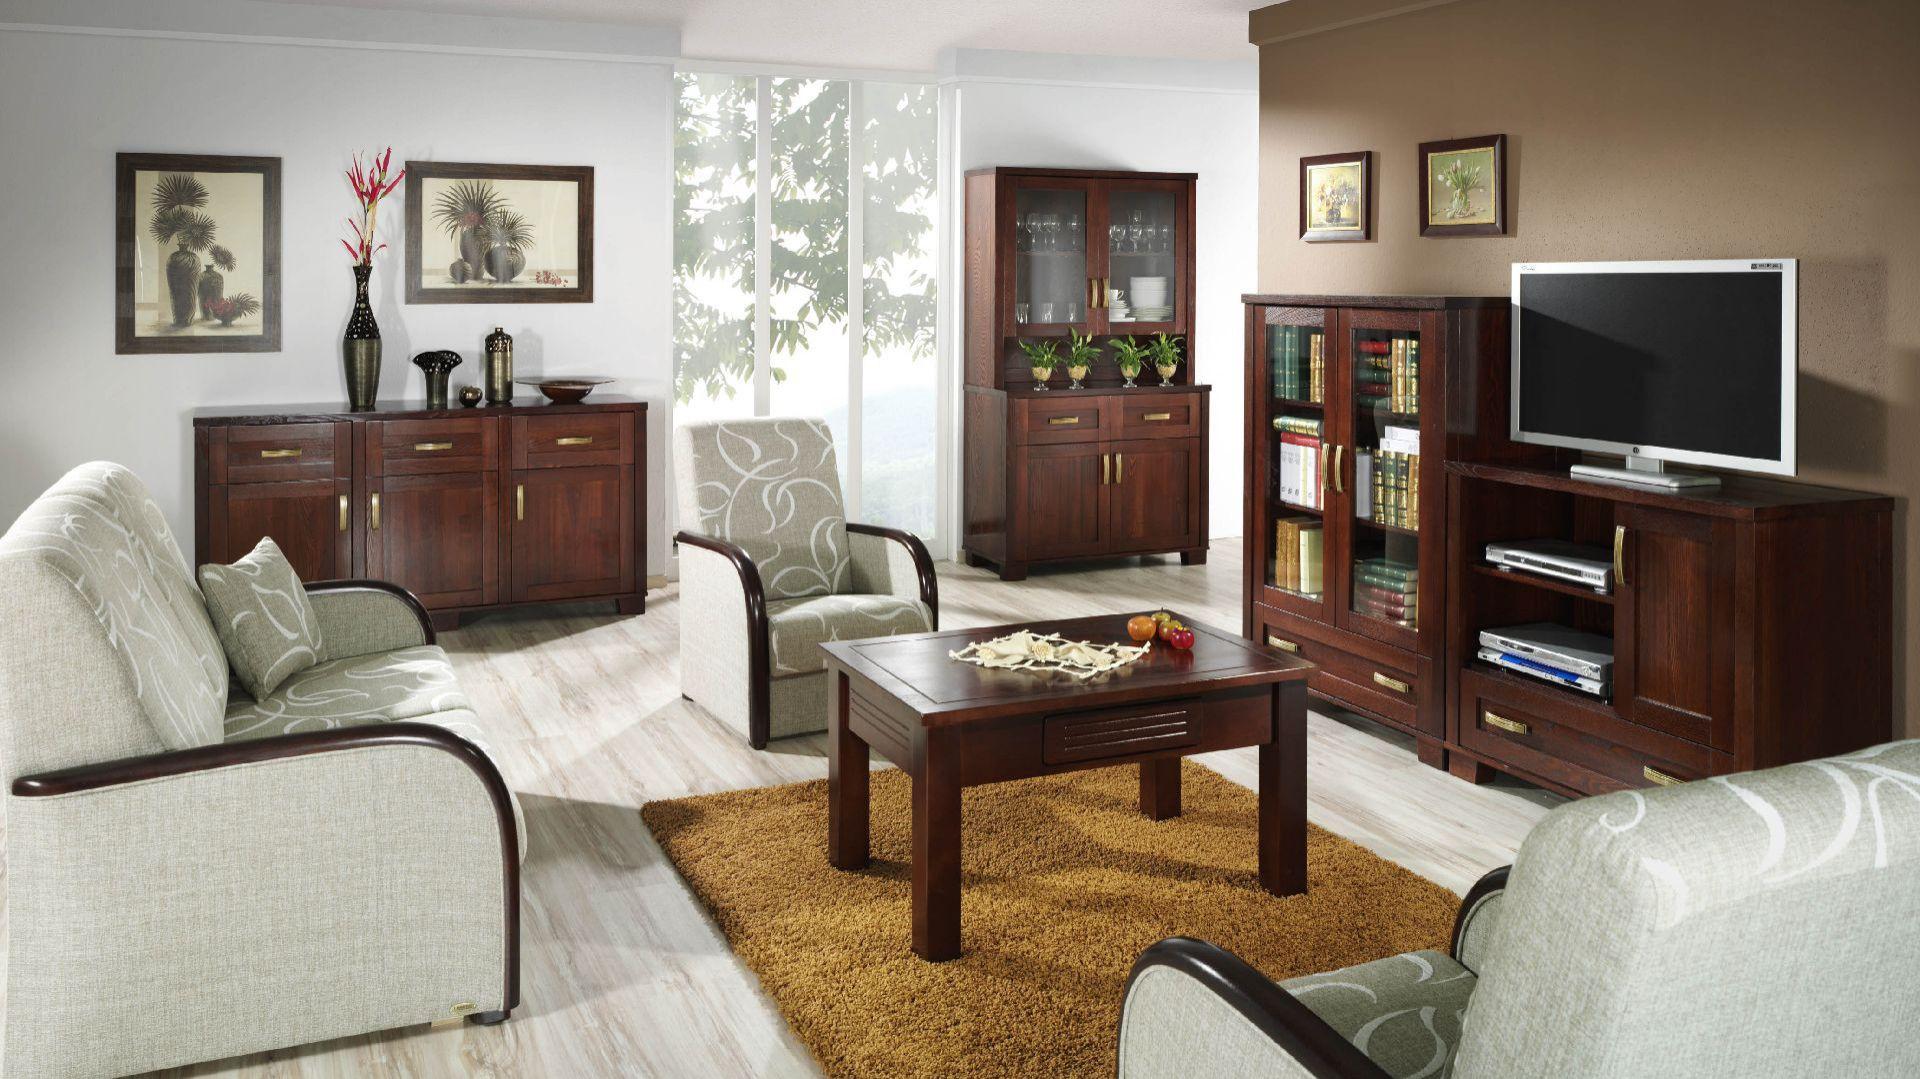 Kolekcja Magic Collection, meble wykonane z drewna litego, co czyni z nich solidną bryłę ze starannie dobranymi uchwytami mosiężnymi. Fot. Unimebel,